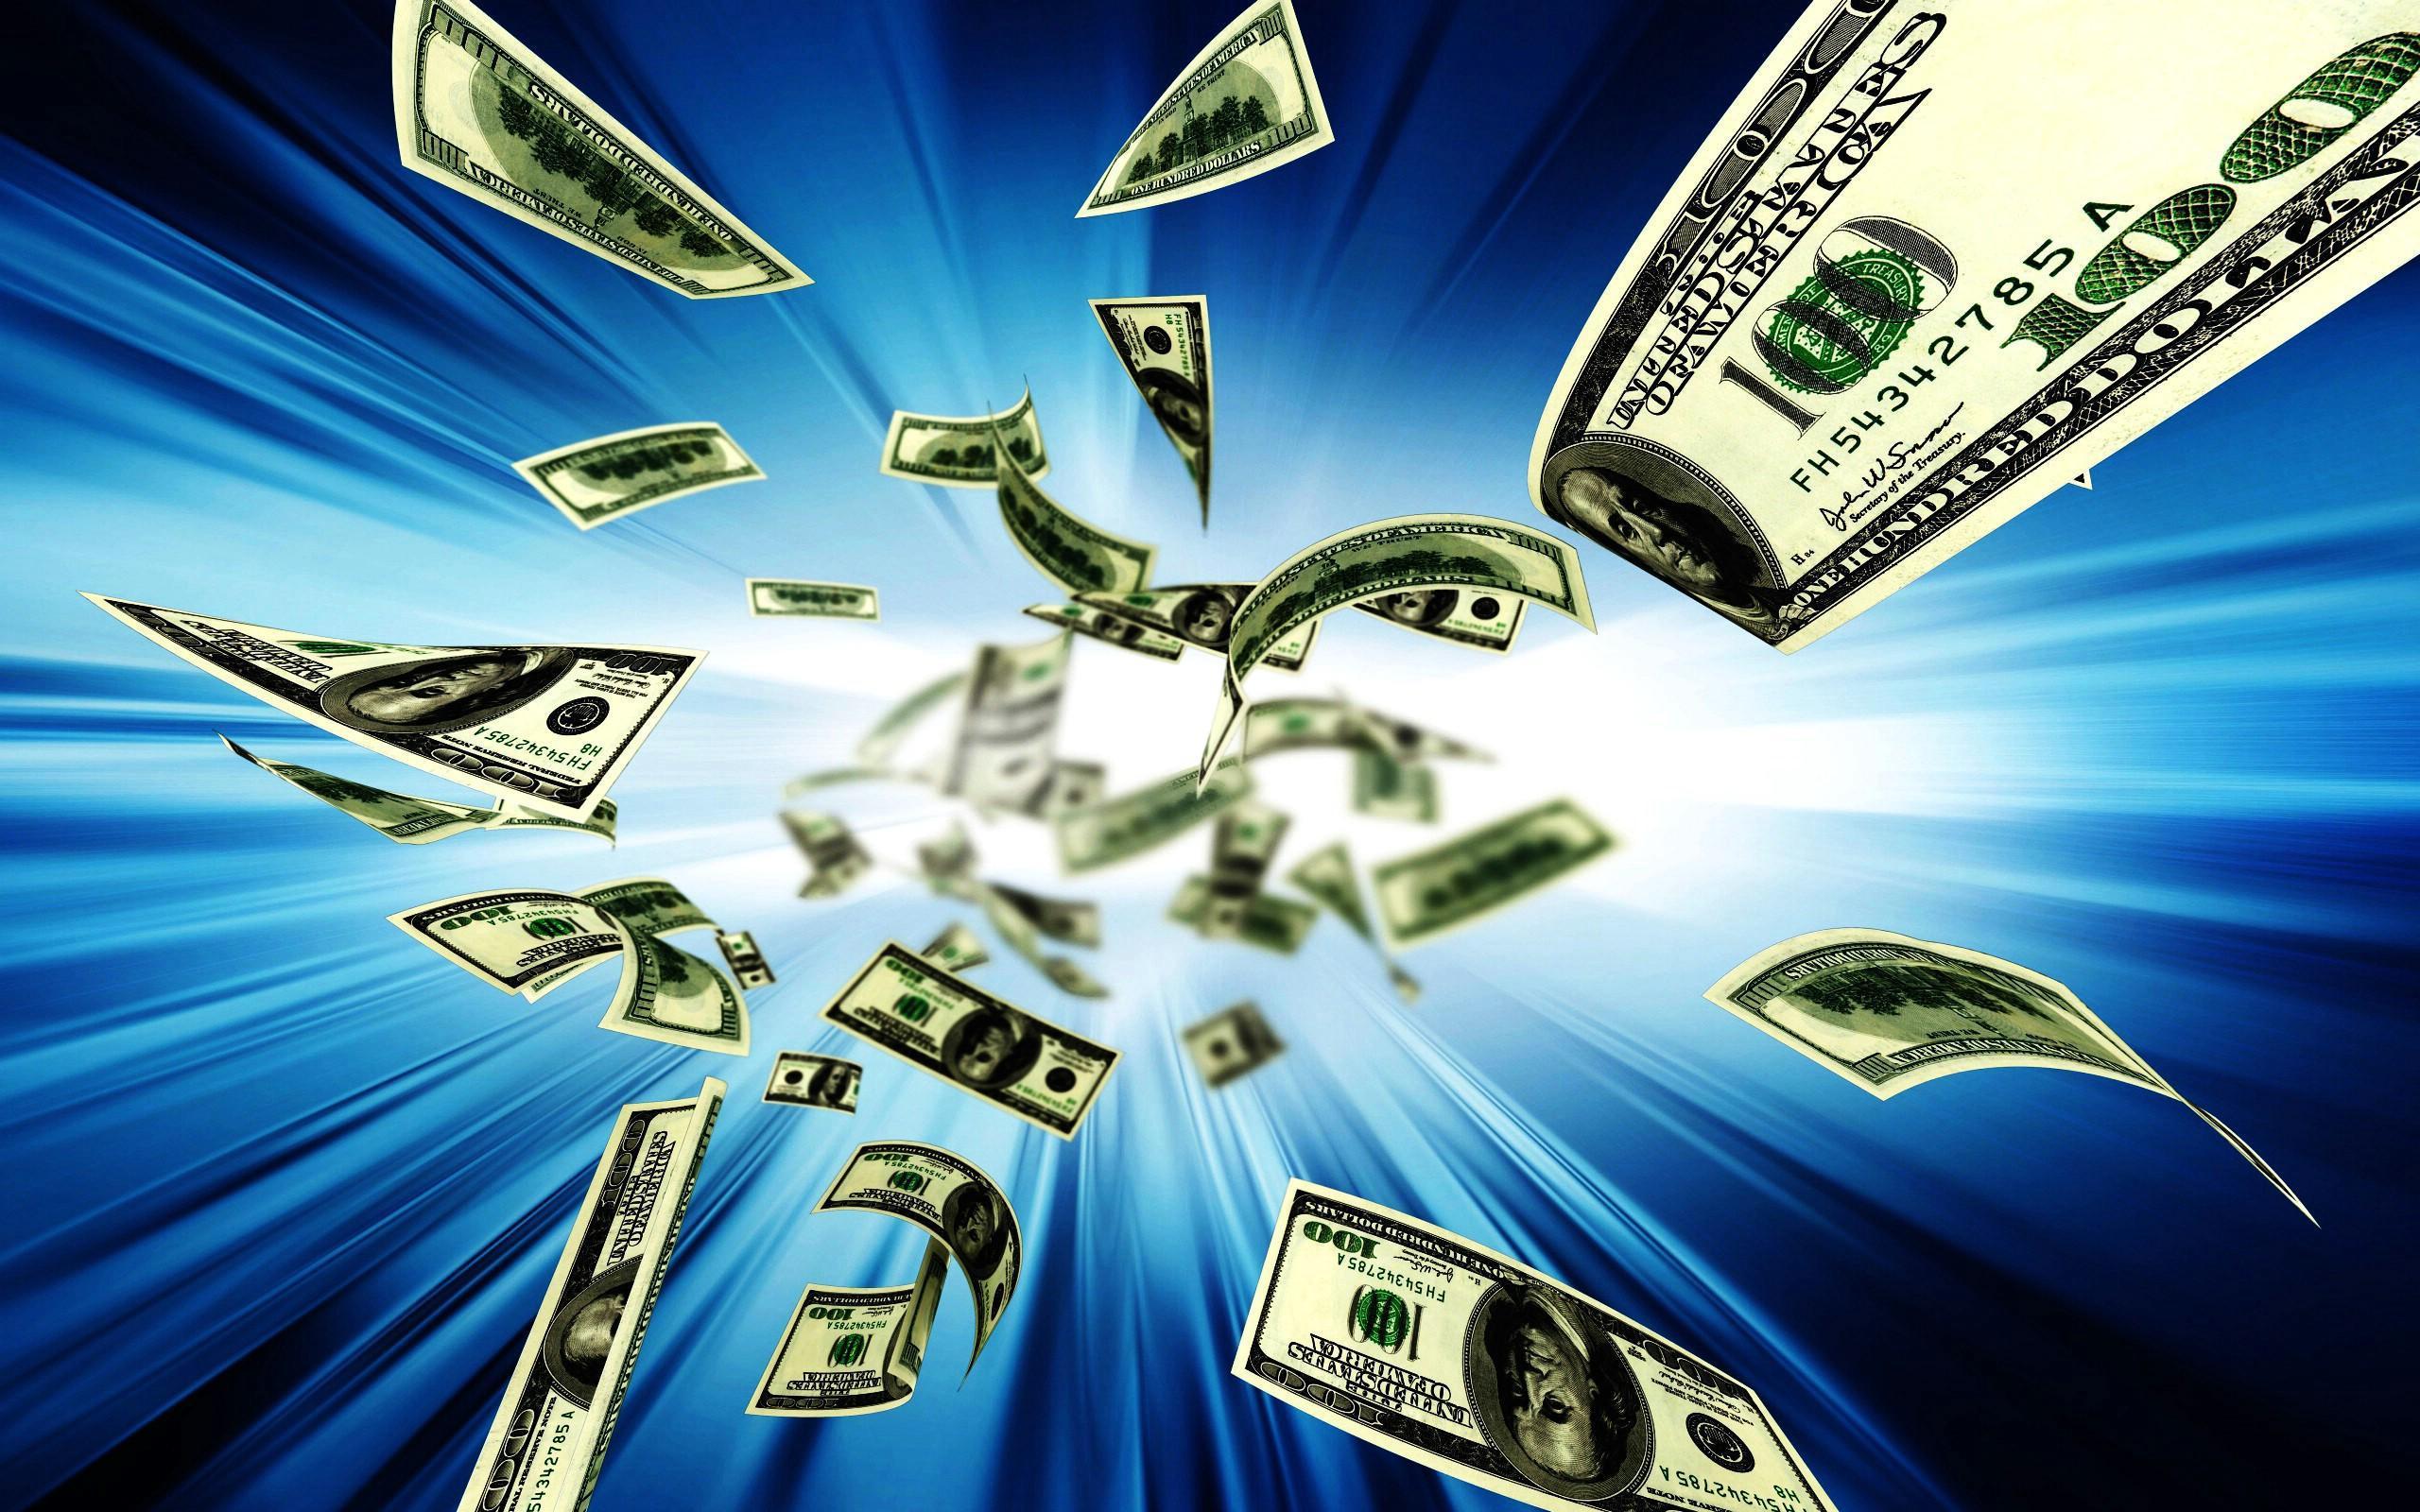 Деньги картинки на рабочий стол смартфона